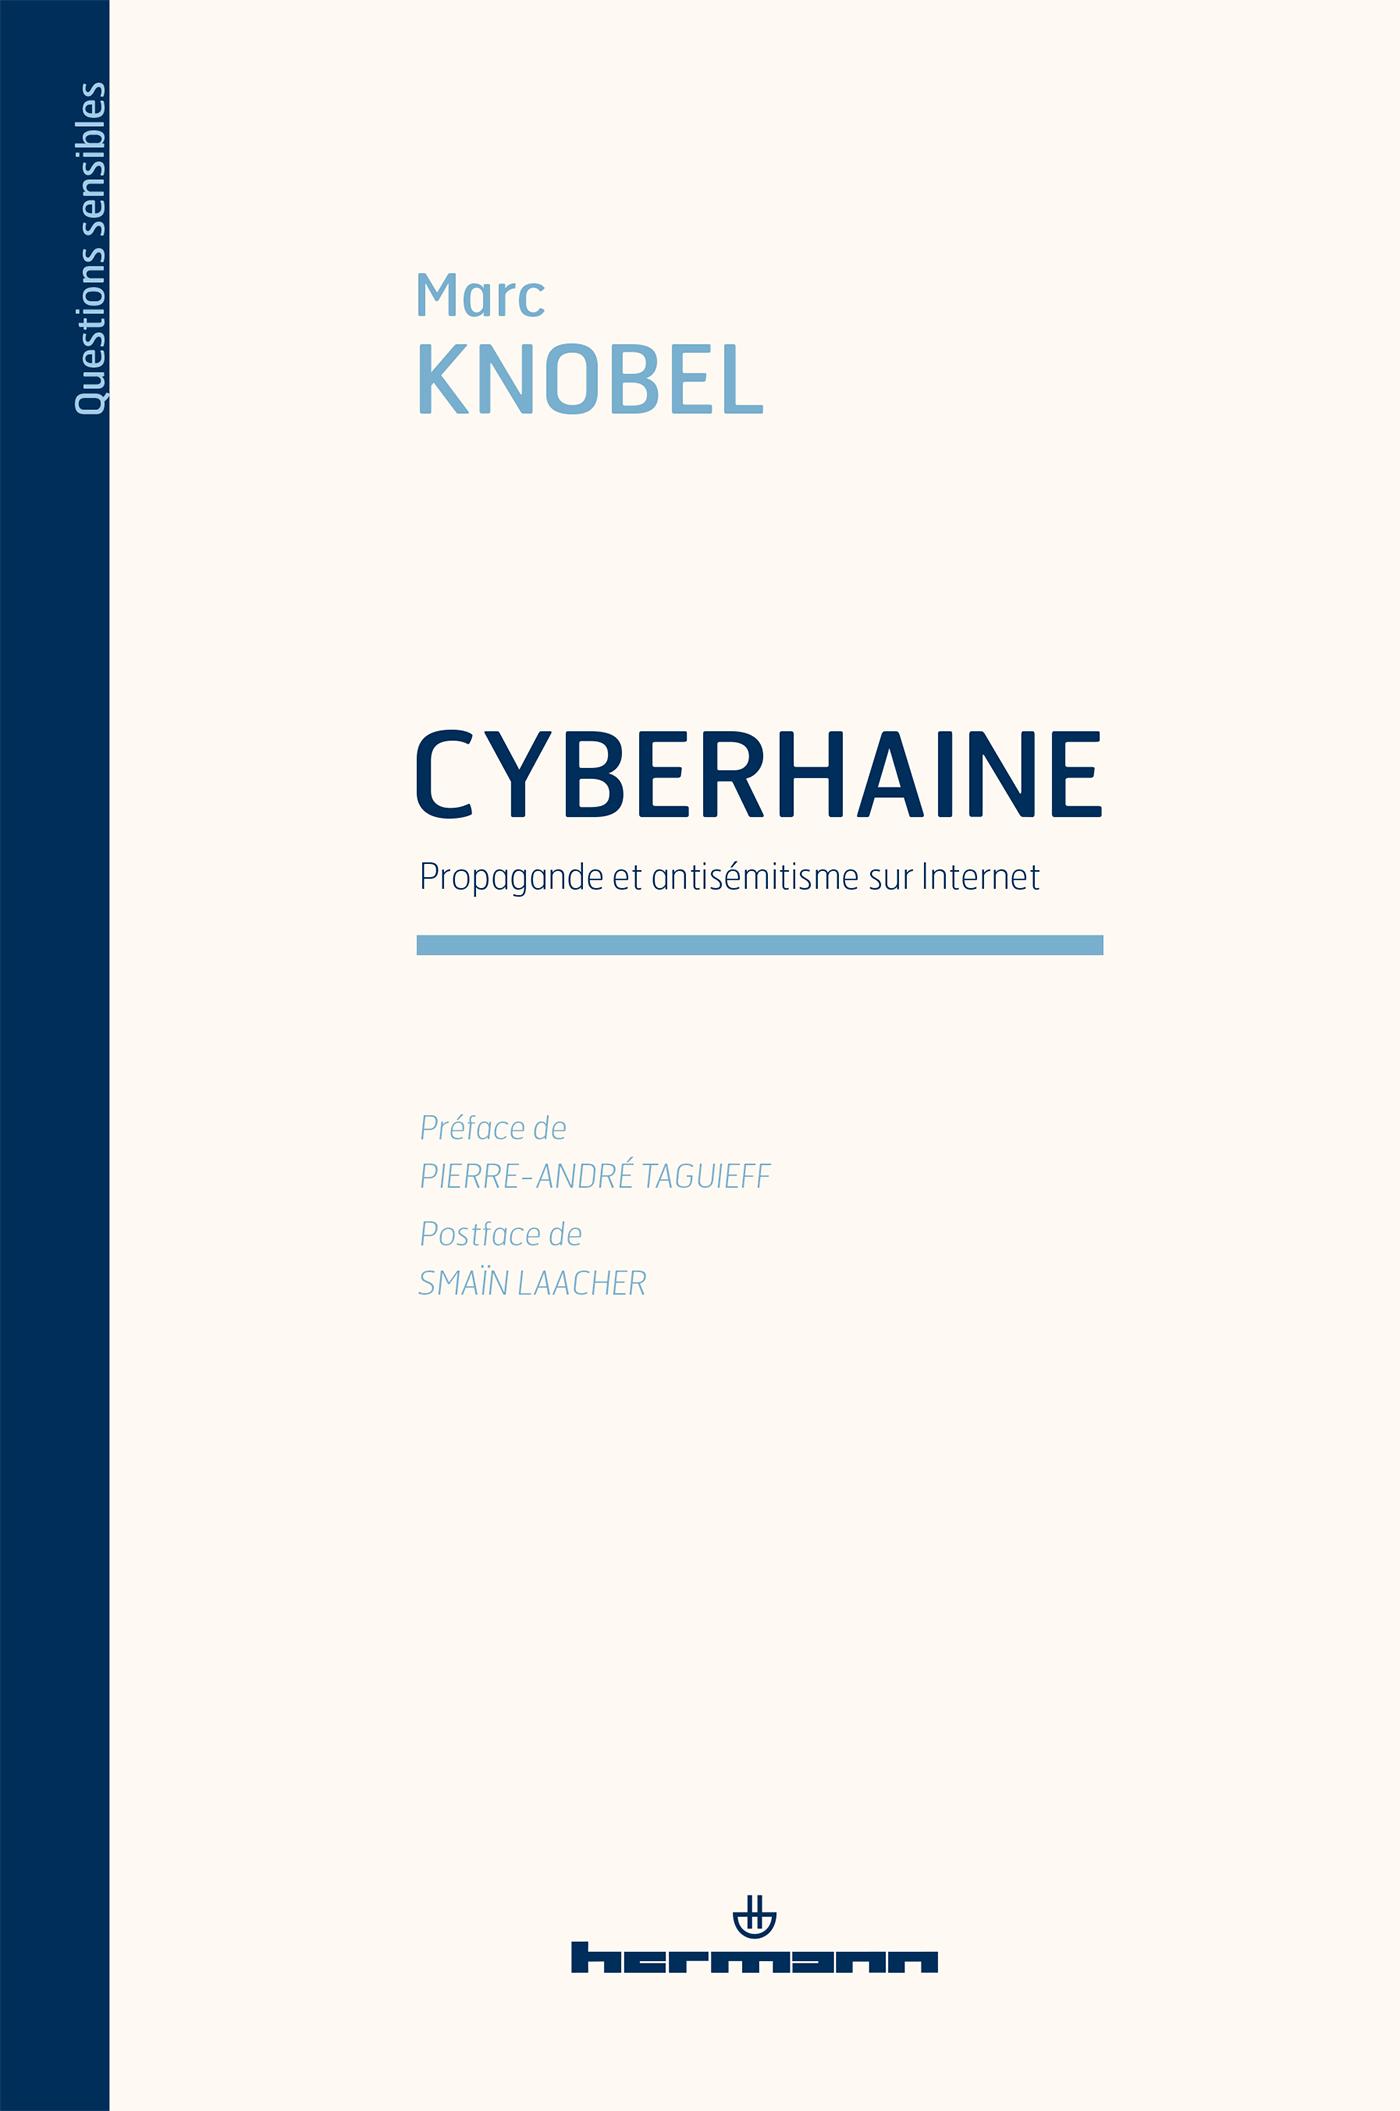 Cyberhaine : propagande et antisémitisme sur Internet de Marc KNOBEL